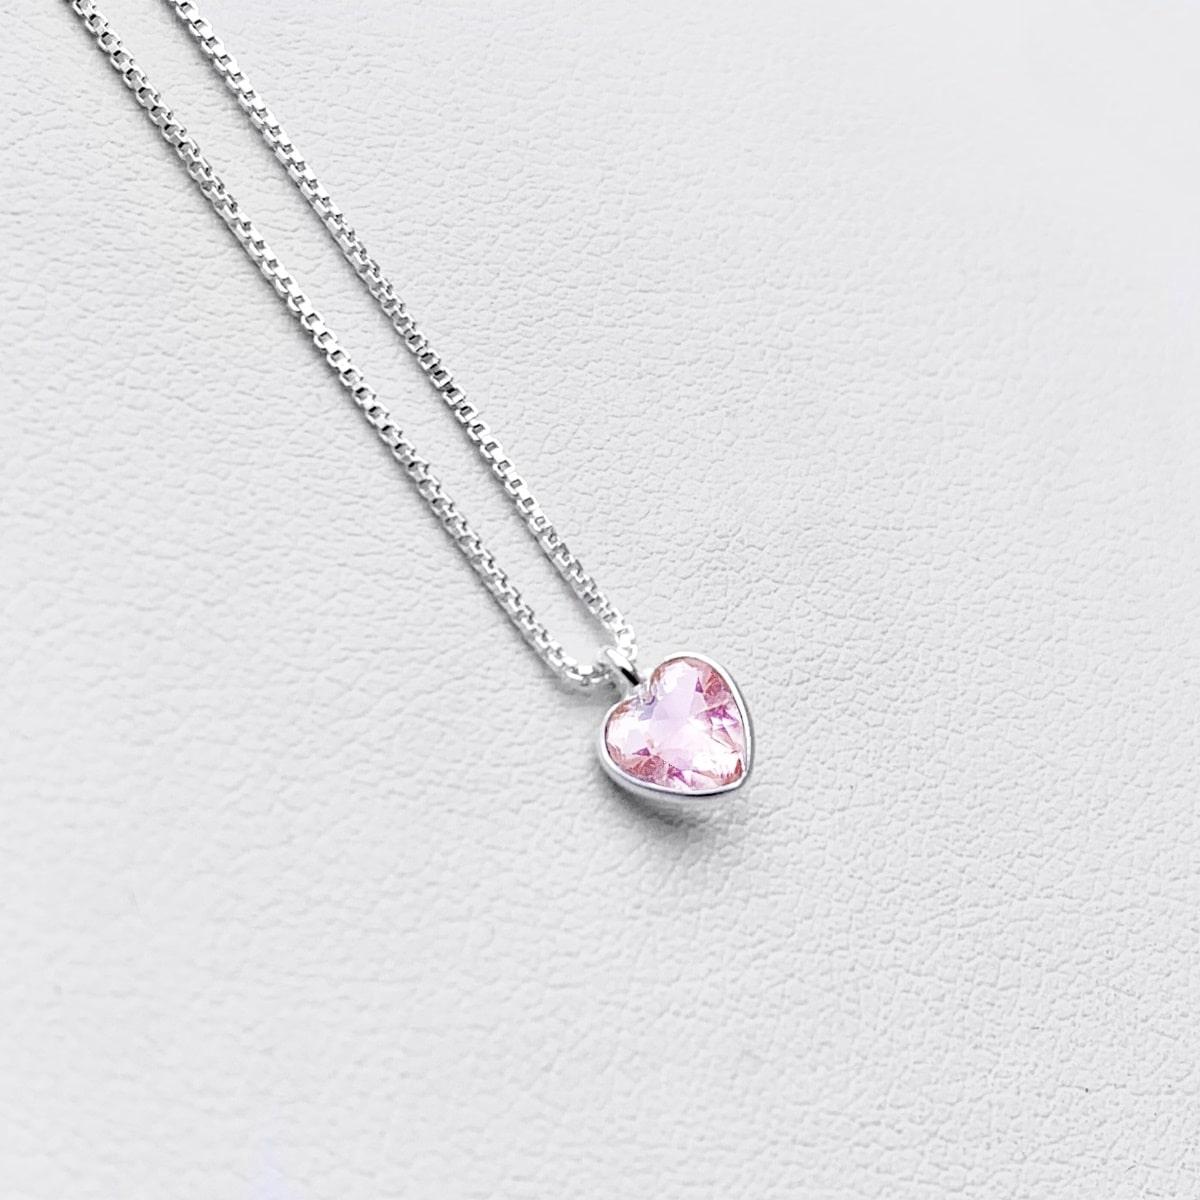 Colar Ponto de Luz Coração Rosa Prata 925, Colar de Prata